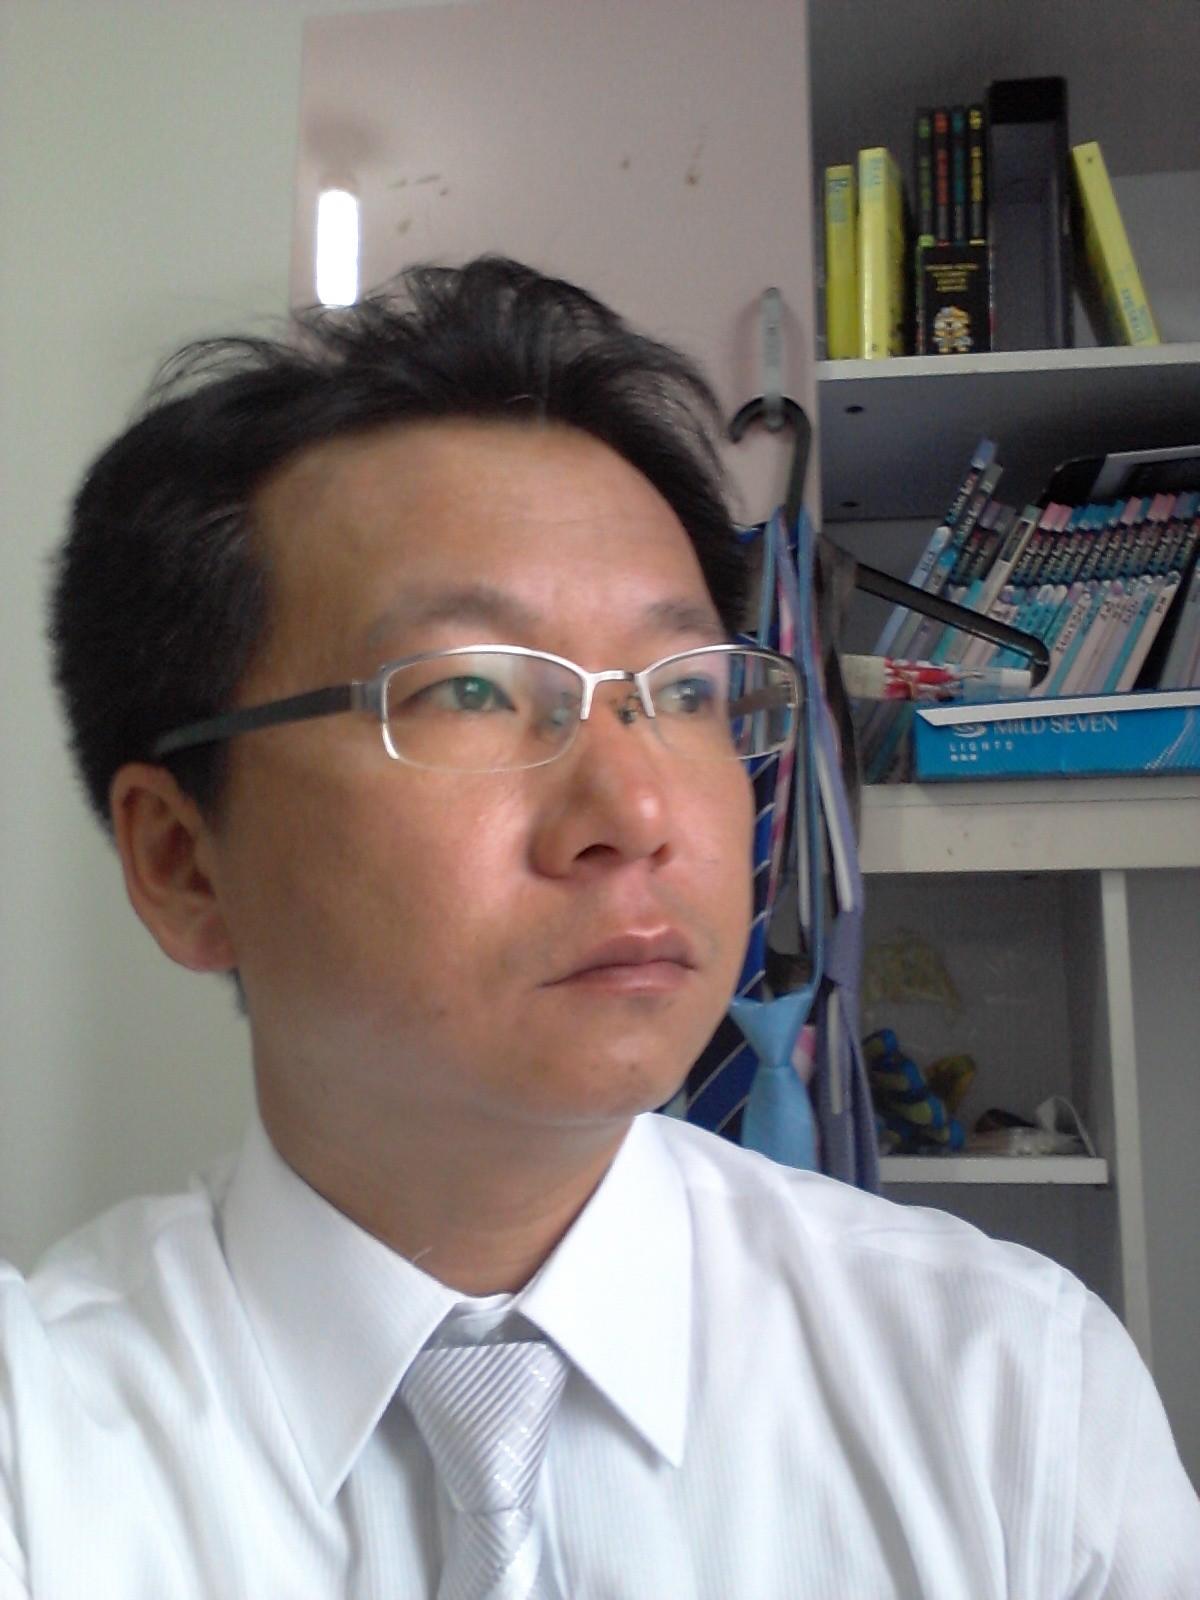 Enoch Kim